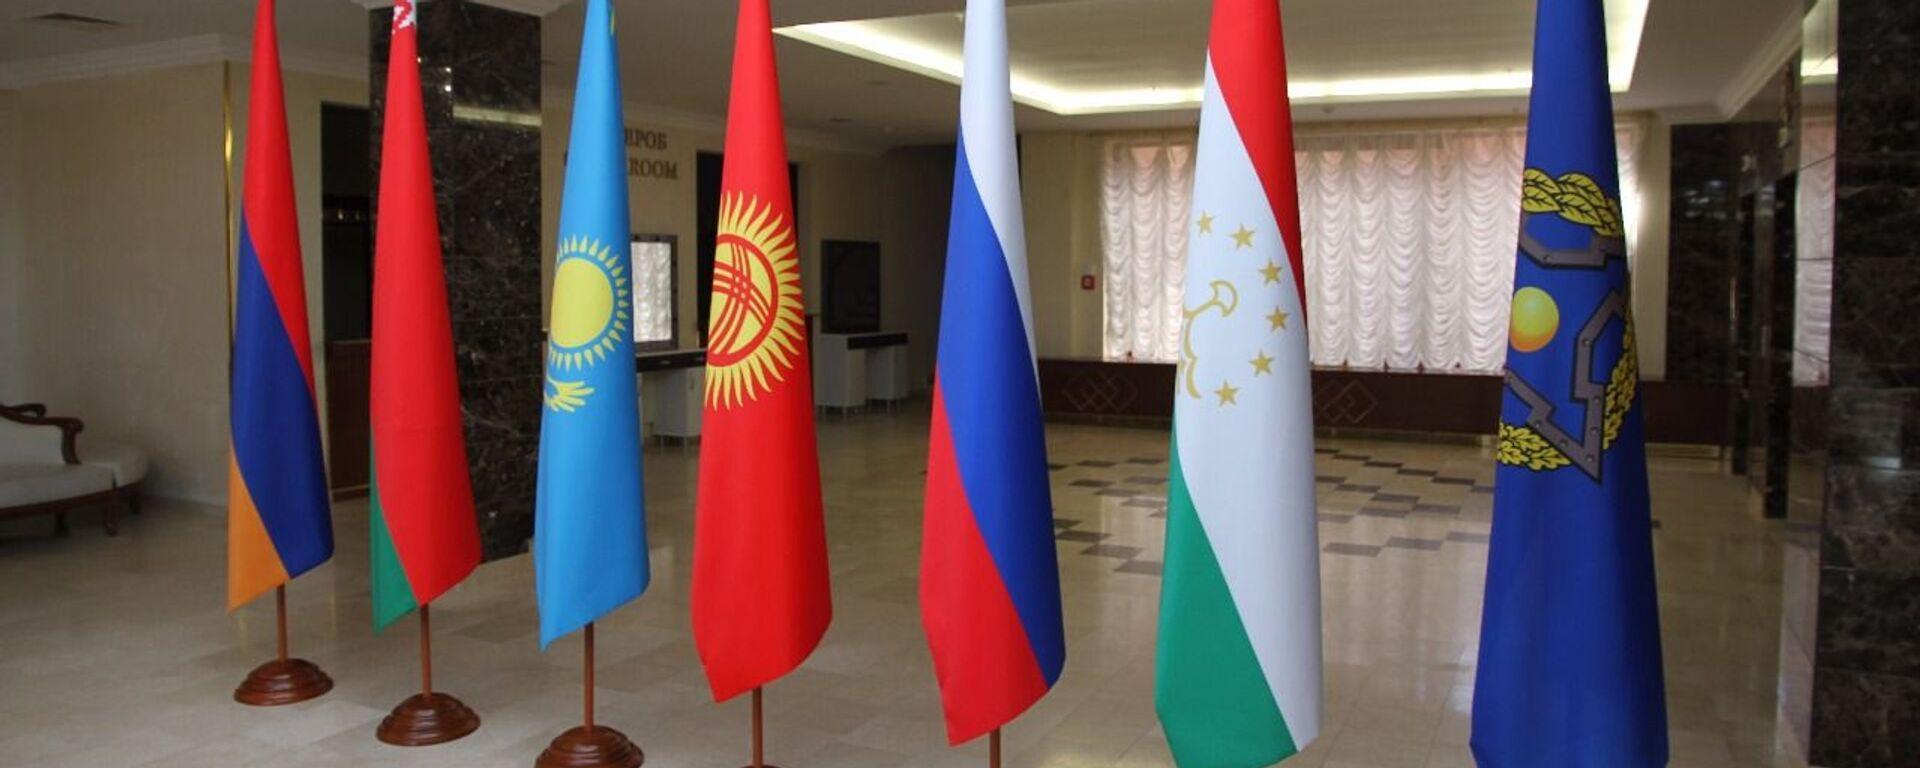 Флаги ОДКБ и стран участниц договора - Sputnik Беларусь, 1920, 25.05.2021